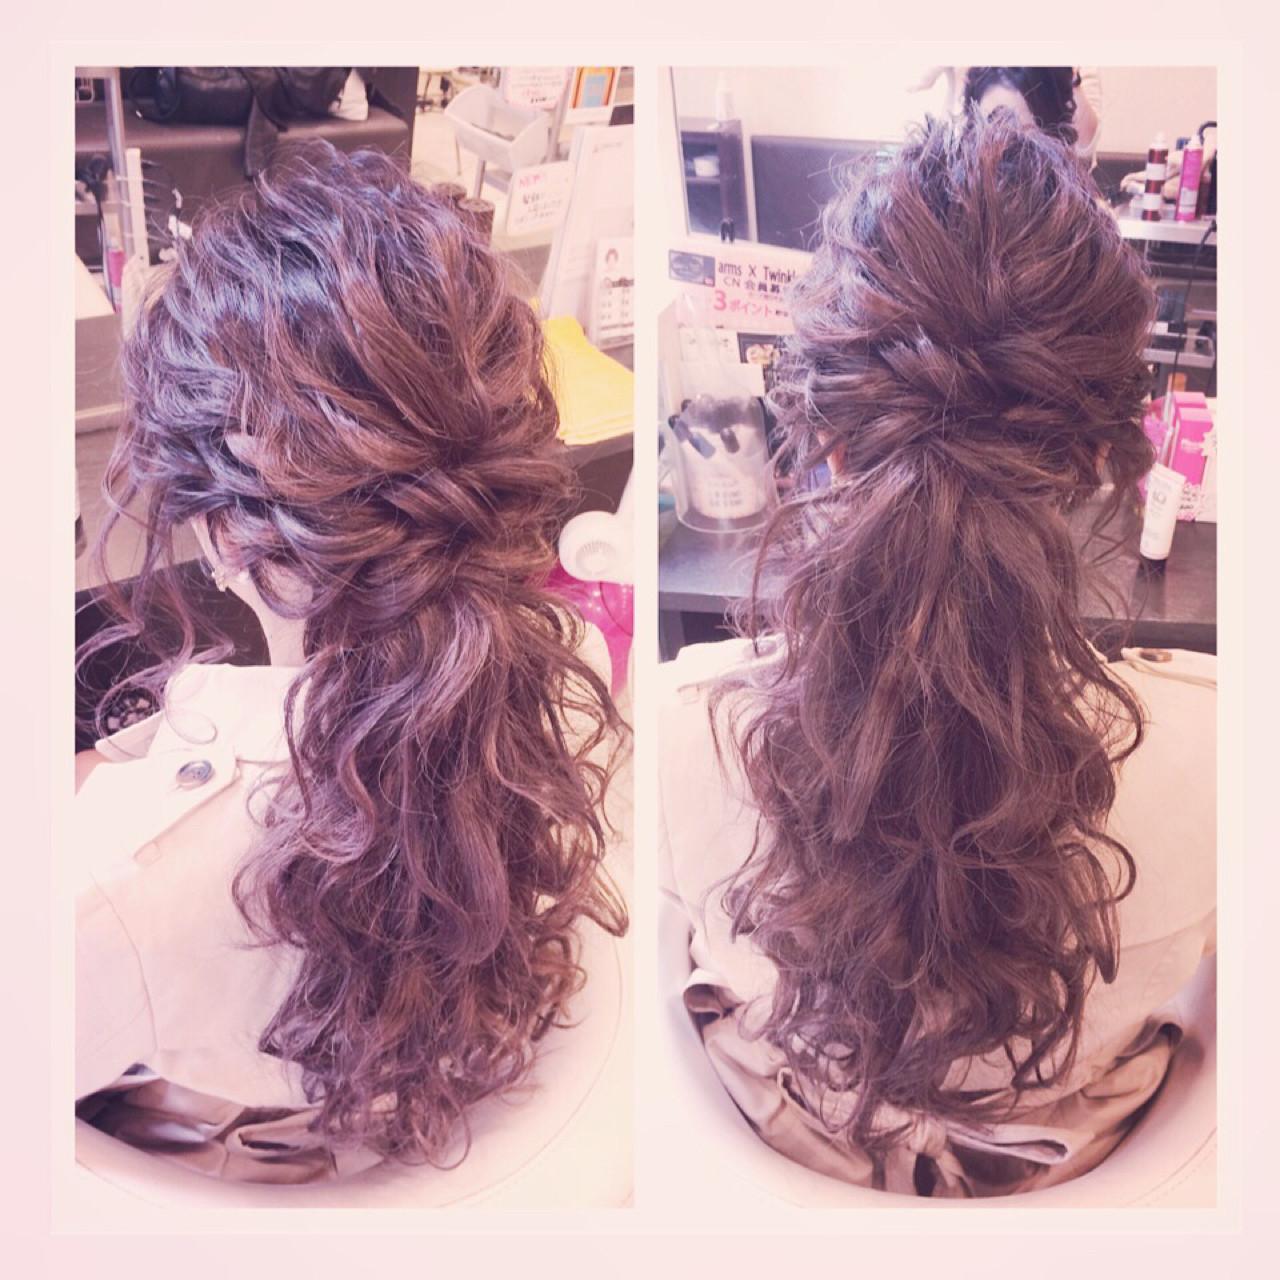 ヘアアレンジ 大人かわいい ポニーテール ルーズ ヘアスタイルや髪型の写真・画像 | aoi / hair make laule'a